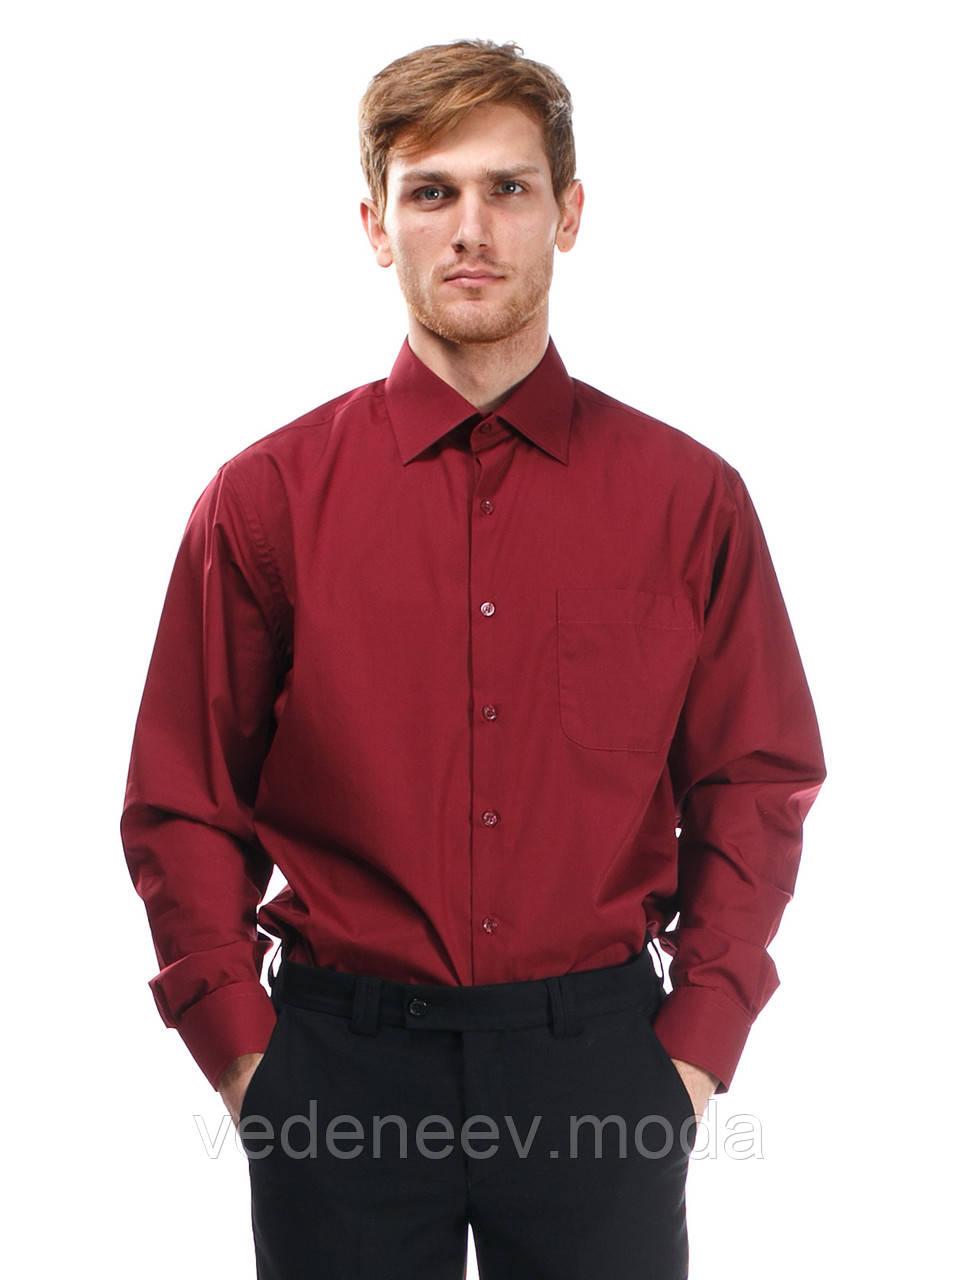 c8fdfb97872 Мужская классическая рубашка бордового цвета  продажа